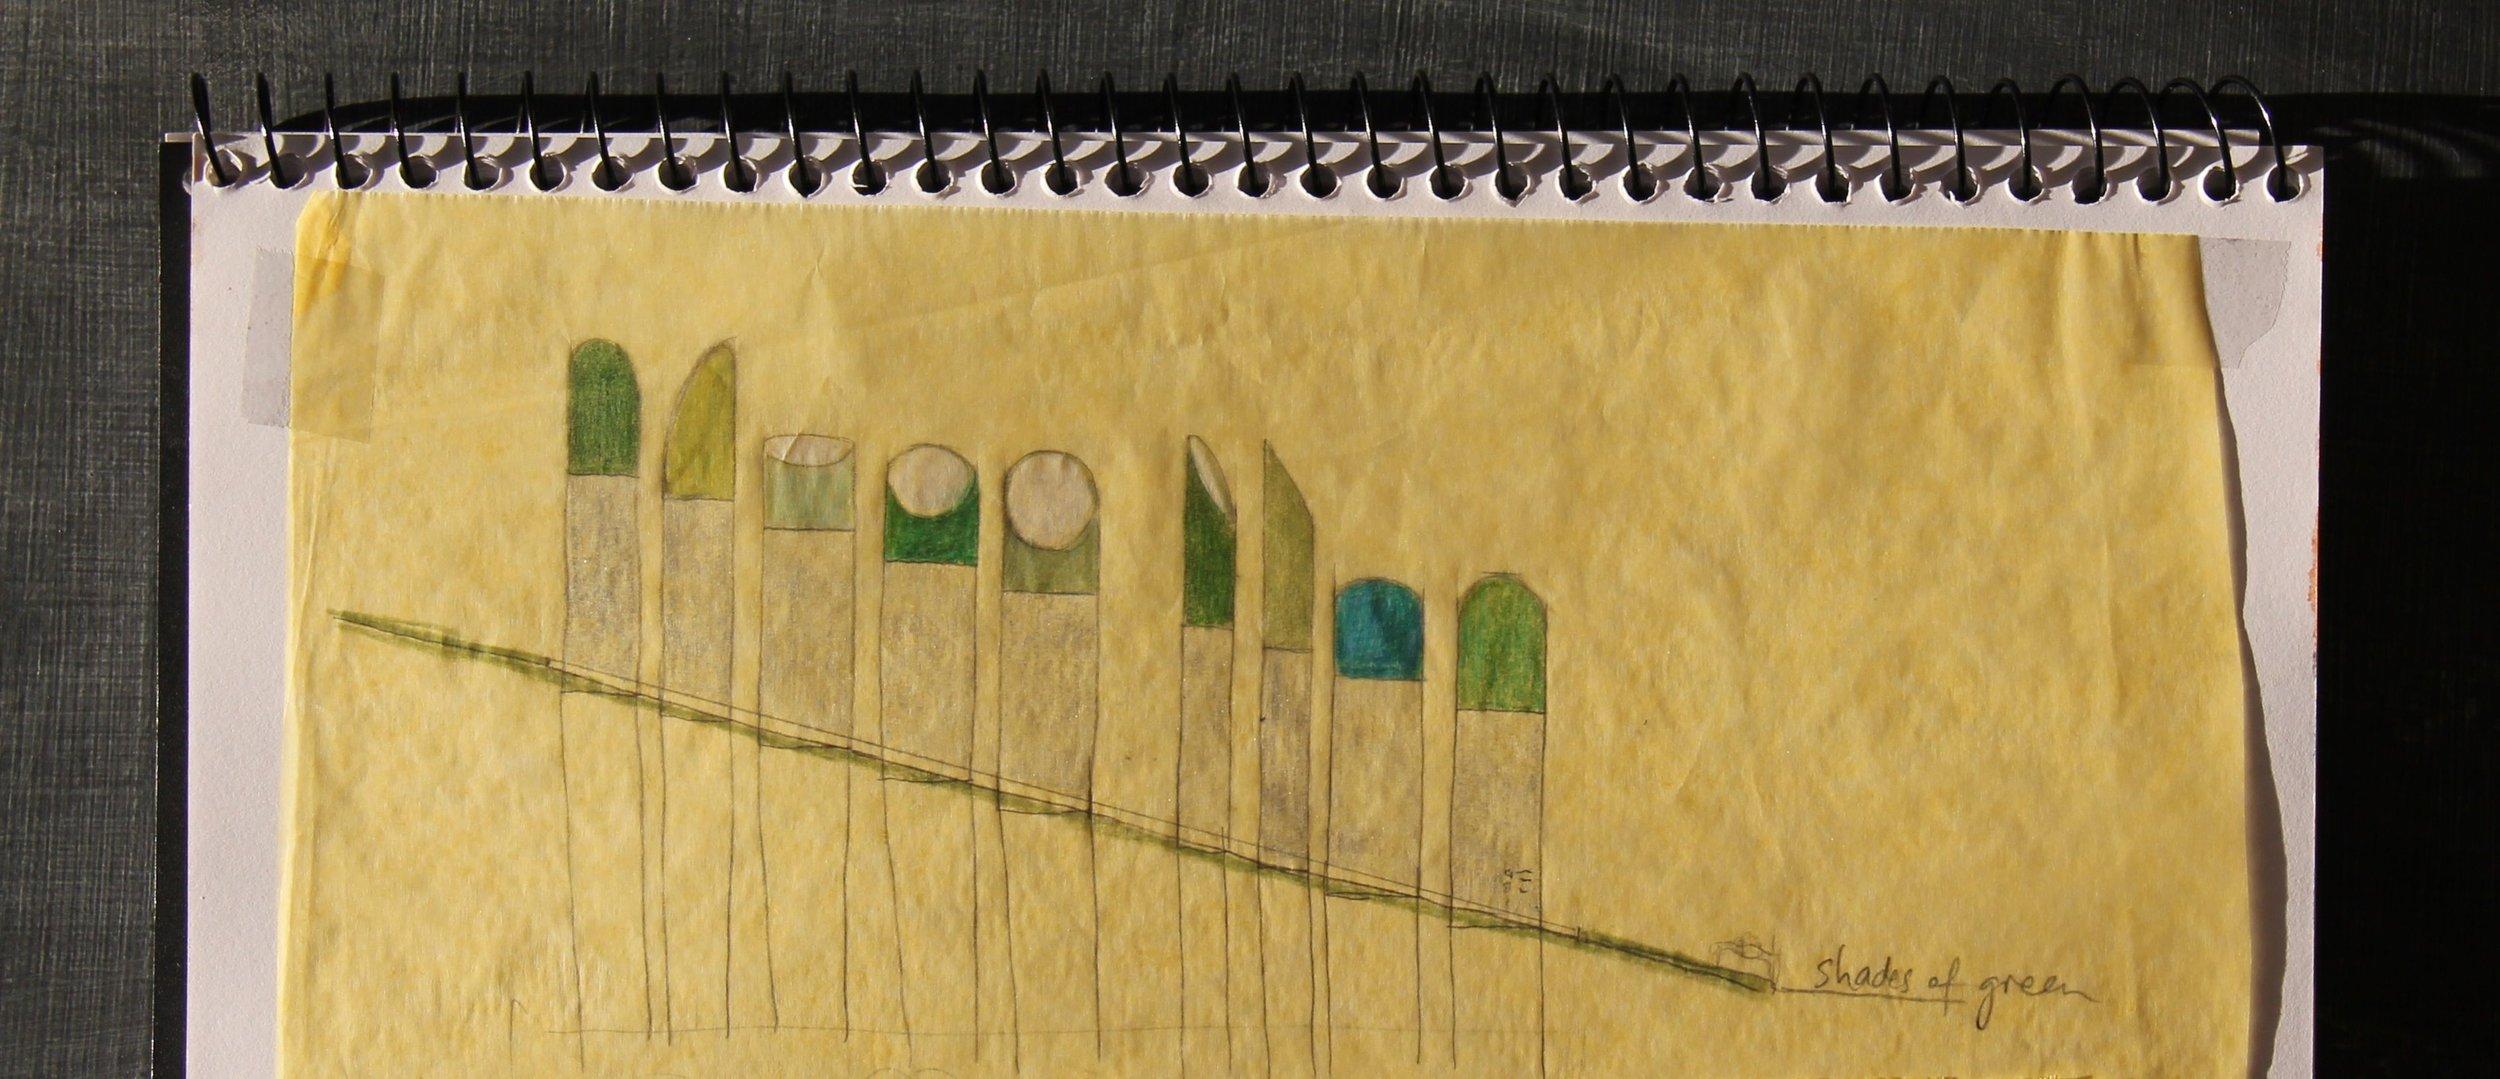 1 Prince Alfred Park Pool chimneys sketch.jpg